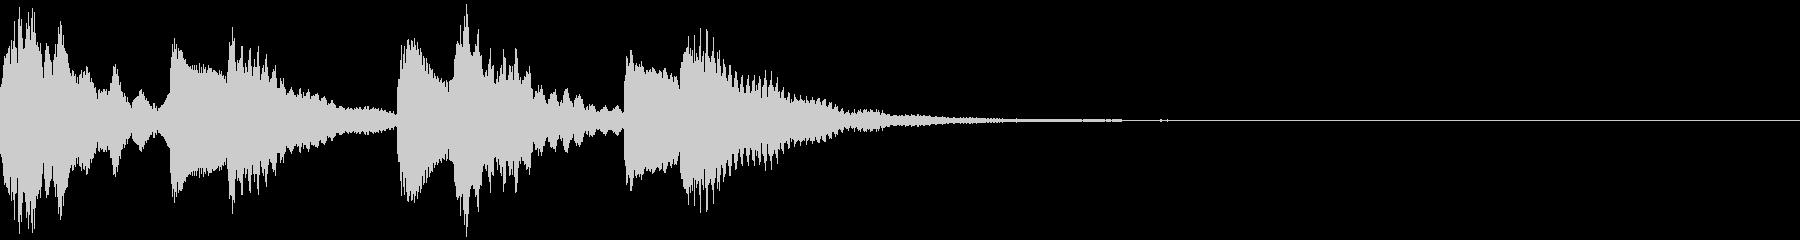 ほのぼのとしたジングル:14-2の未再生の波形